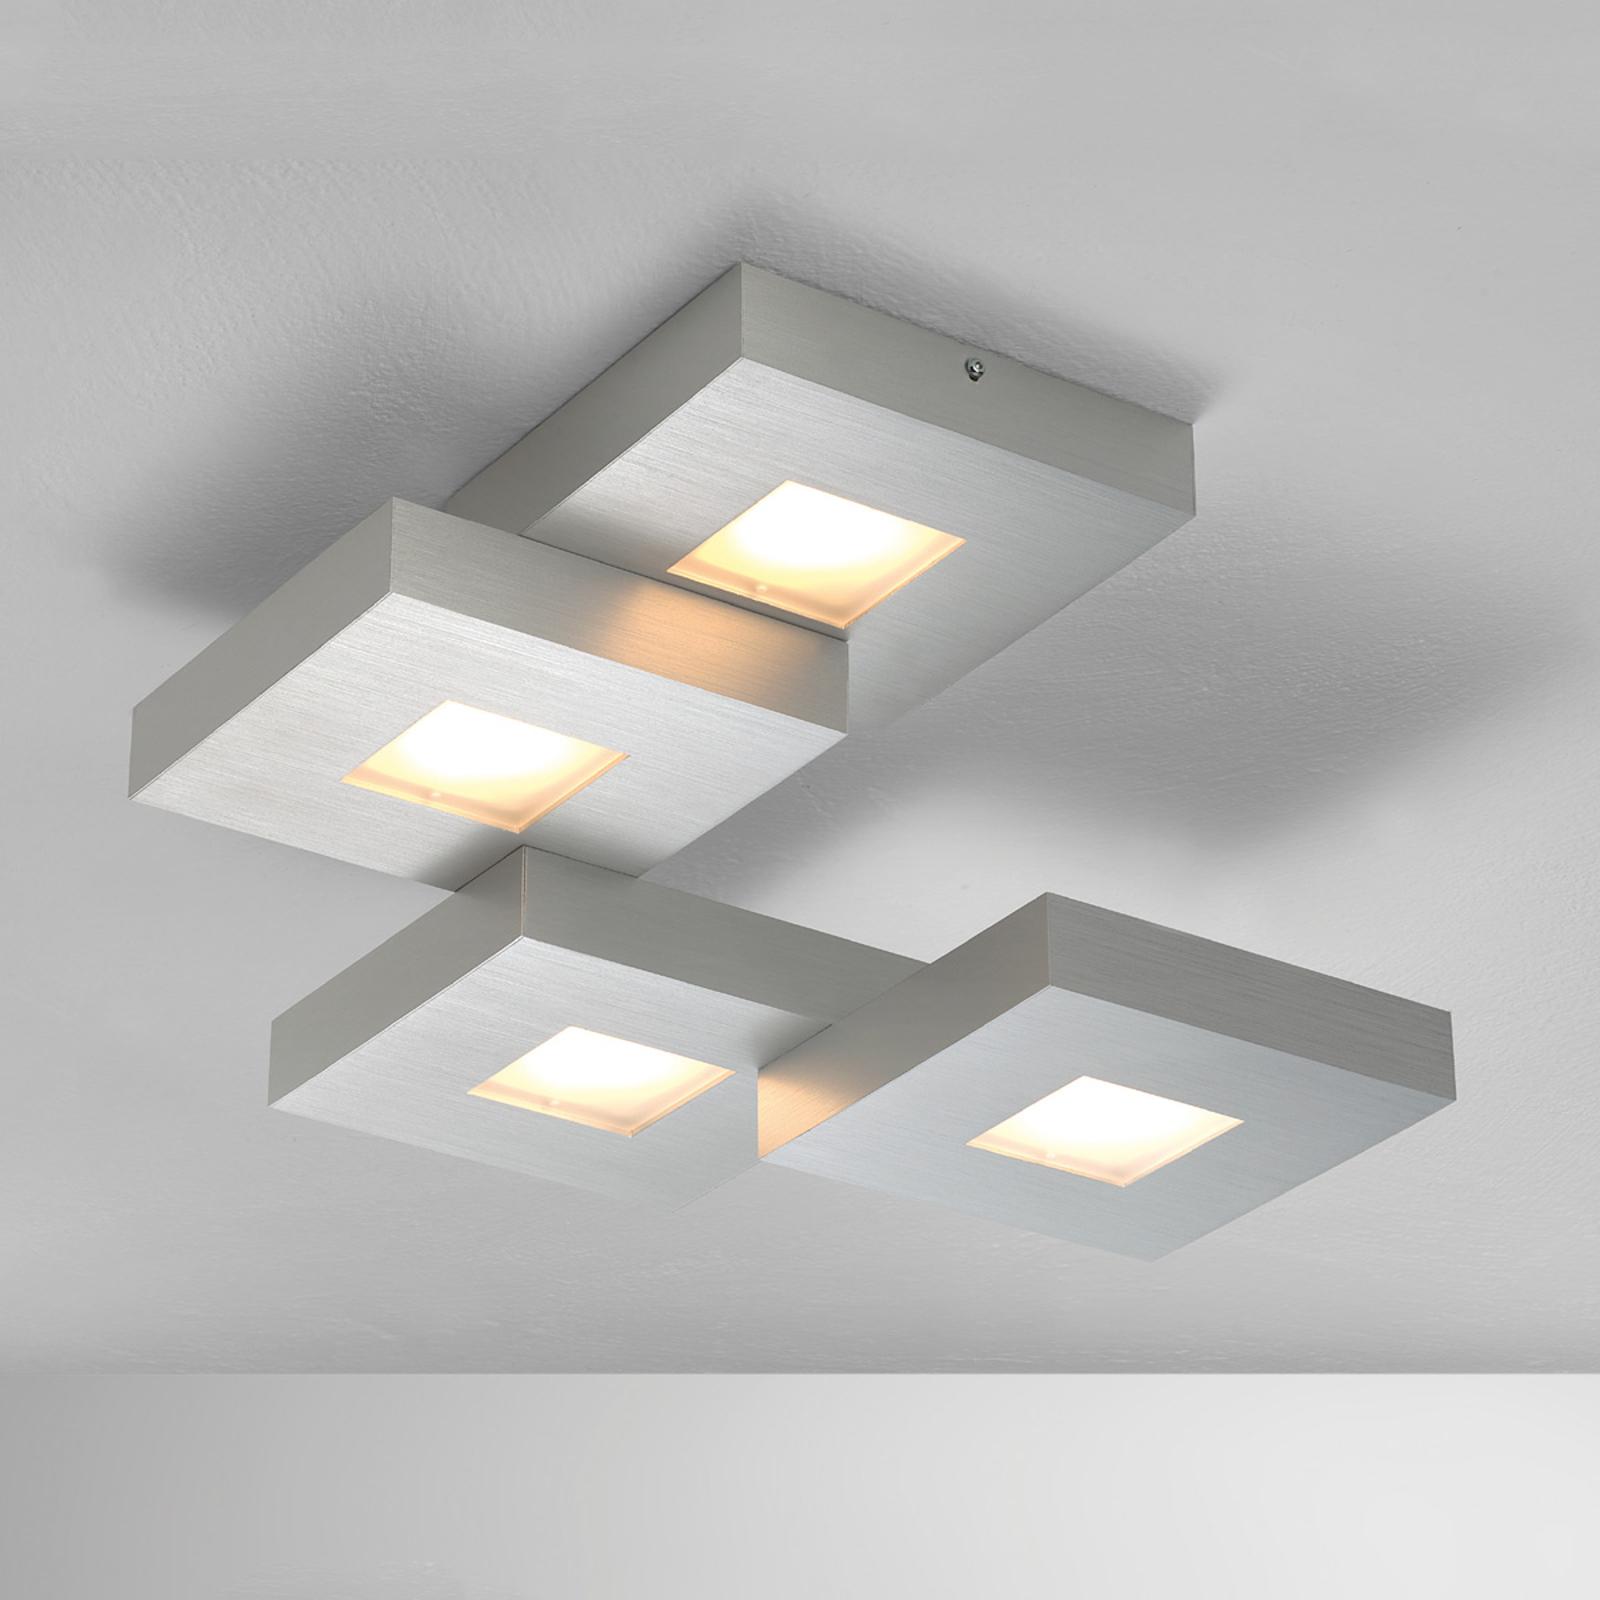 Plafonnier LED Cubus disposé en escaliers